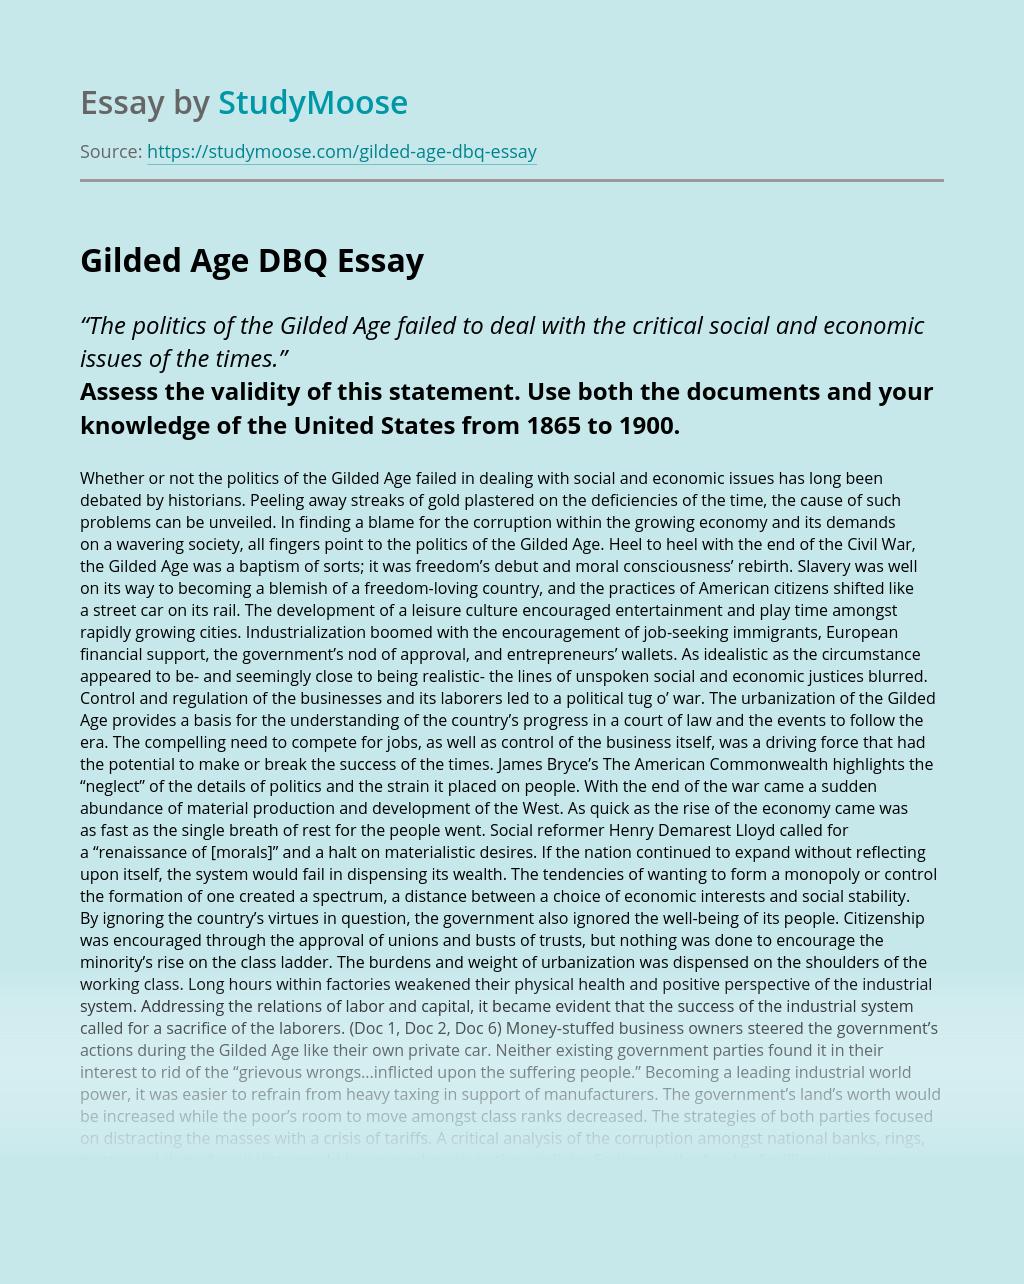 Gilded Age DBQ